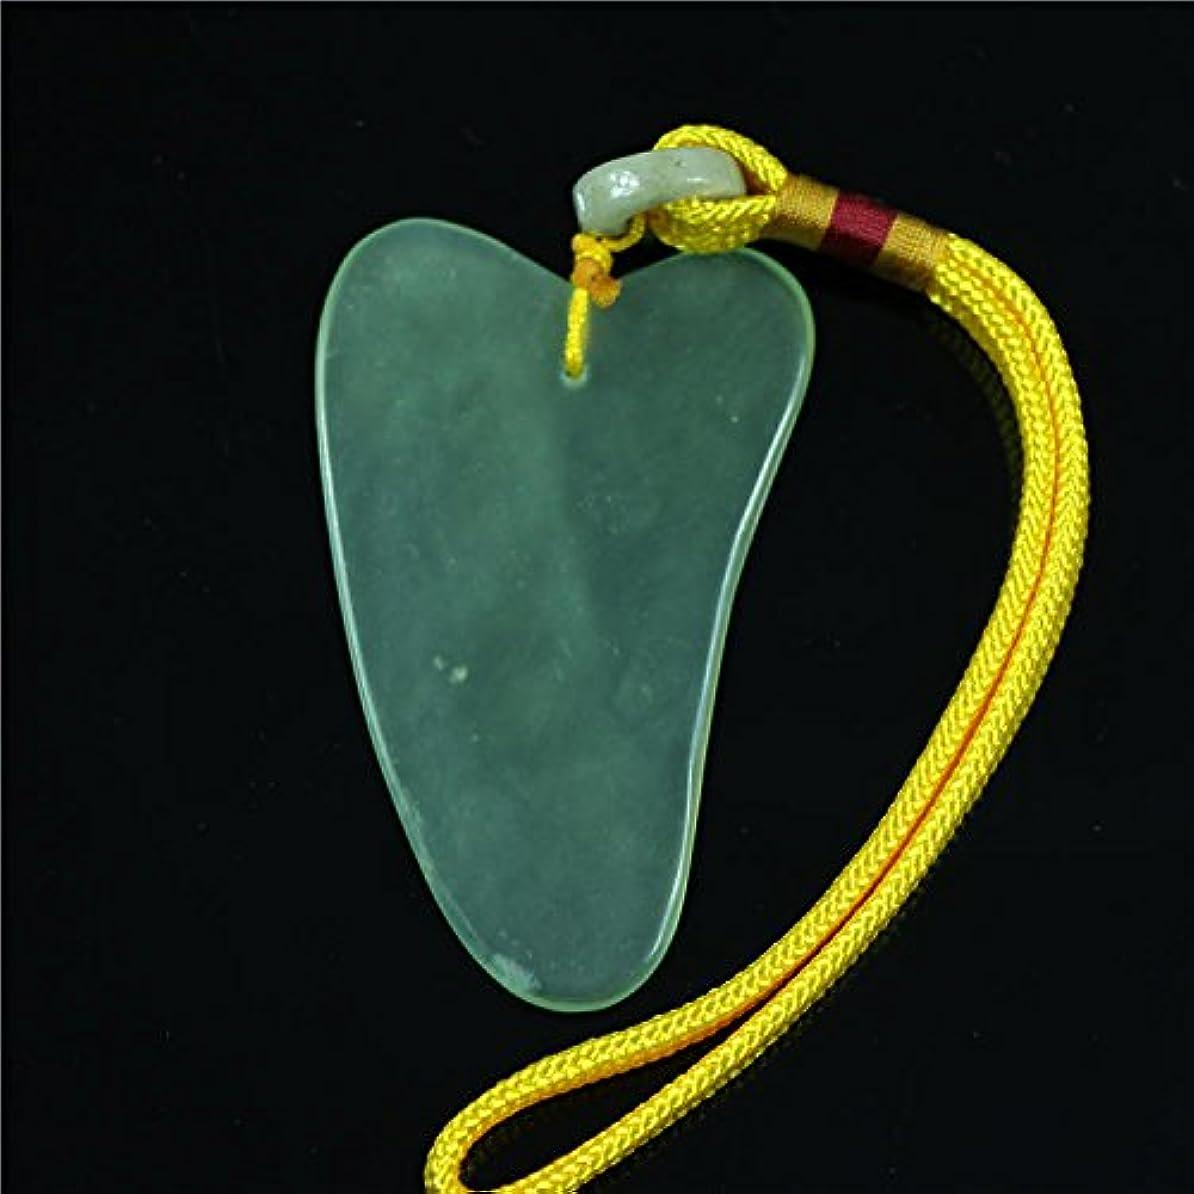 フラスコビーム頼むFace / Body Massage Natural Jade Boardかっさプレート 天然石 翡翠(顔・ボディのリンパマッサージ) (かっさプレートH)